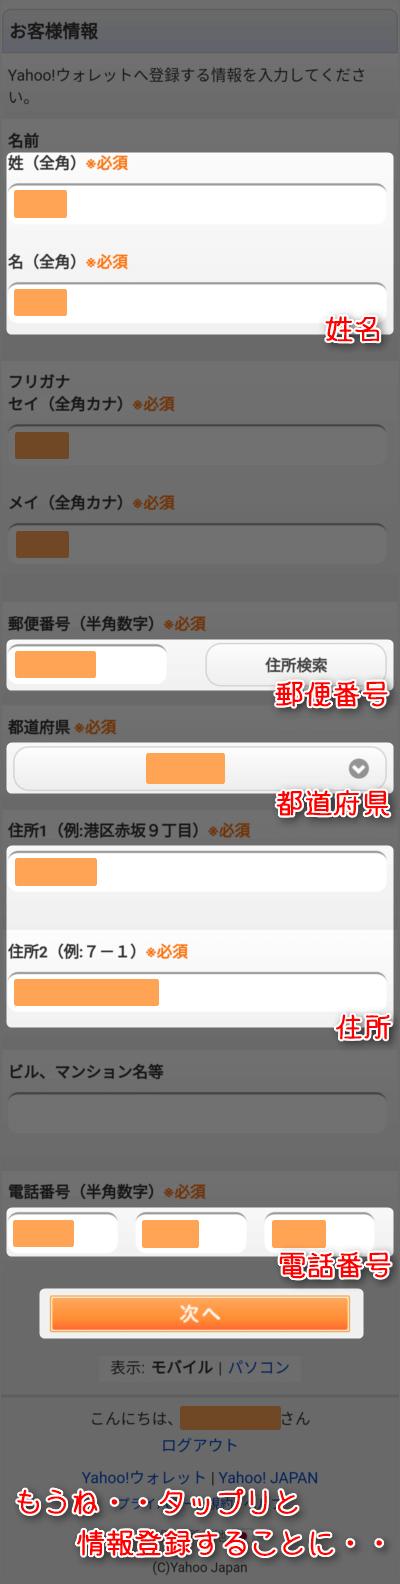 「姓名」「郵便番号」「都道府県」「住所」「電話番号」を入力して、「続ける」をタップ